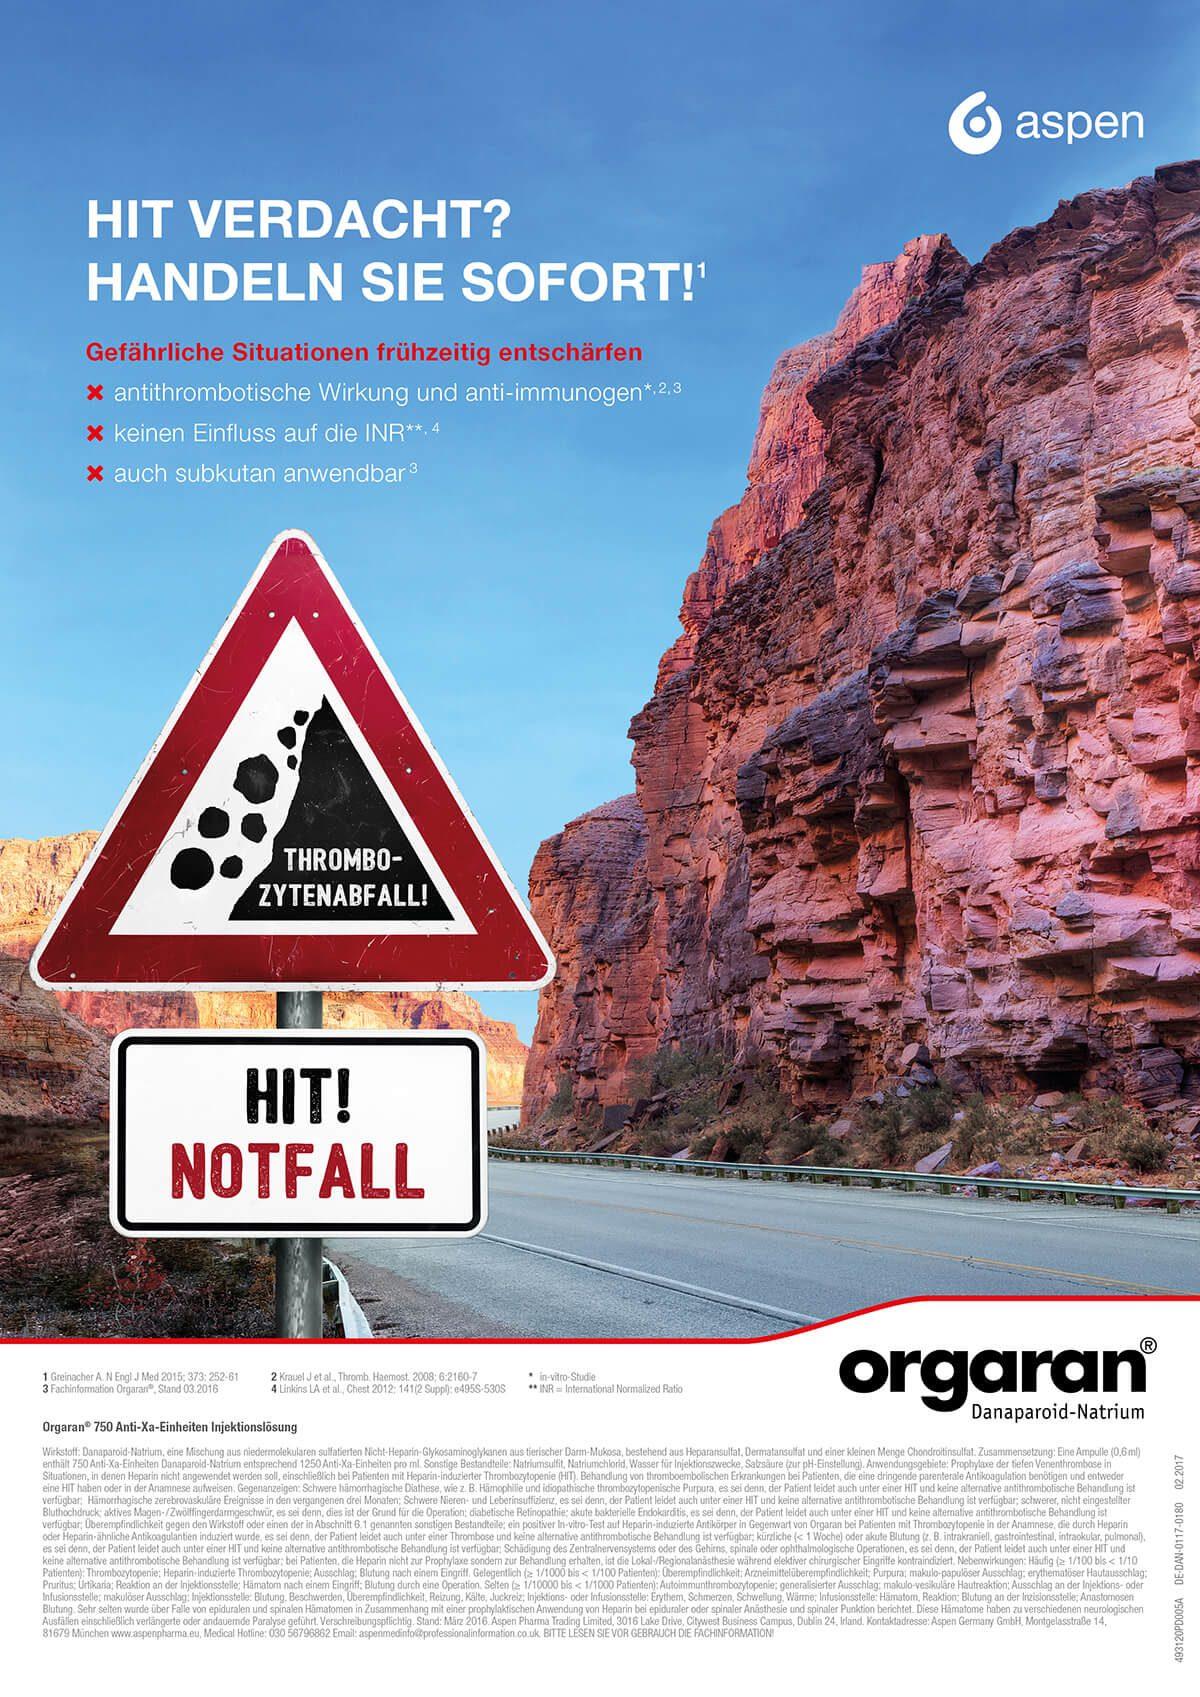 Anzeige für das Medikament Orgaran von Aspen